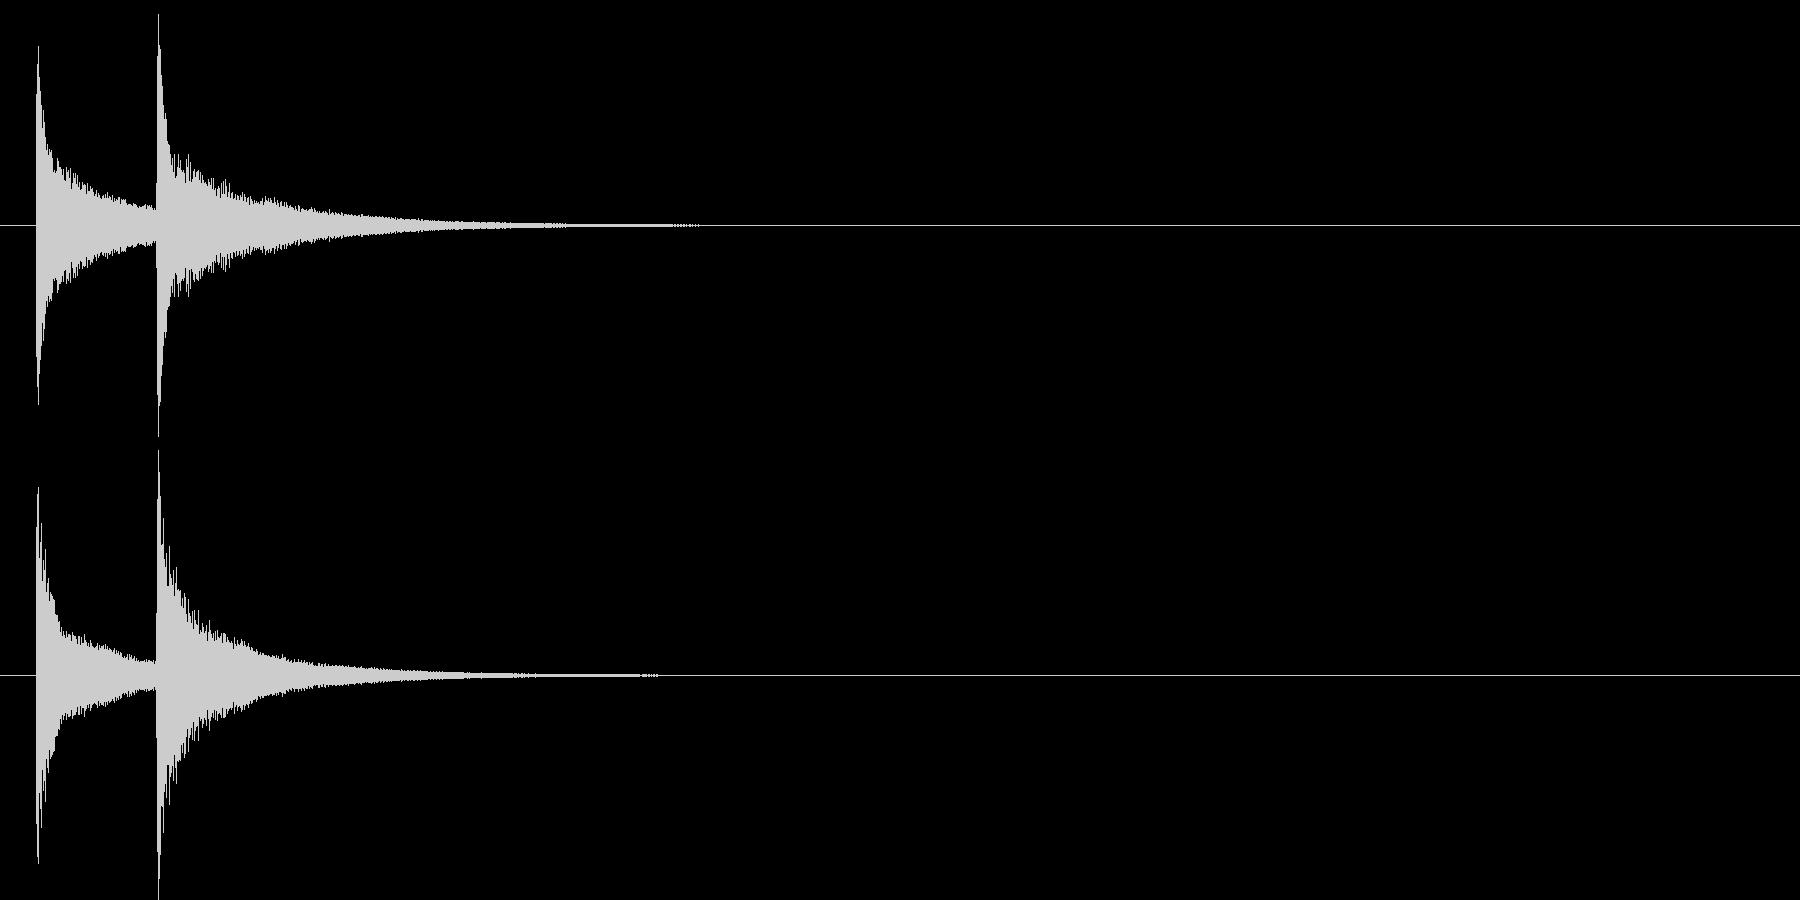 ピンポン系4 ずっこけ(カウベル)の未再生の波形